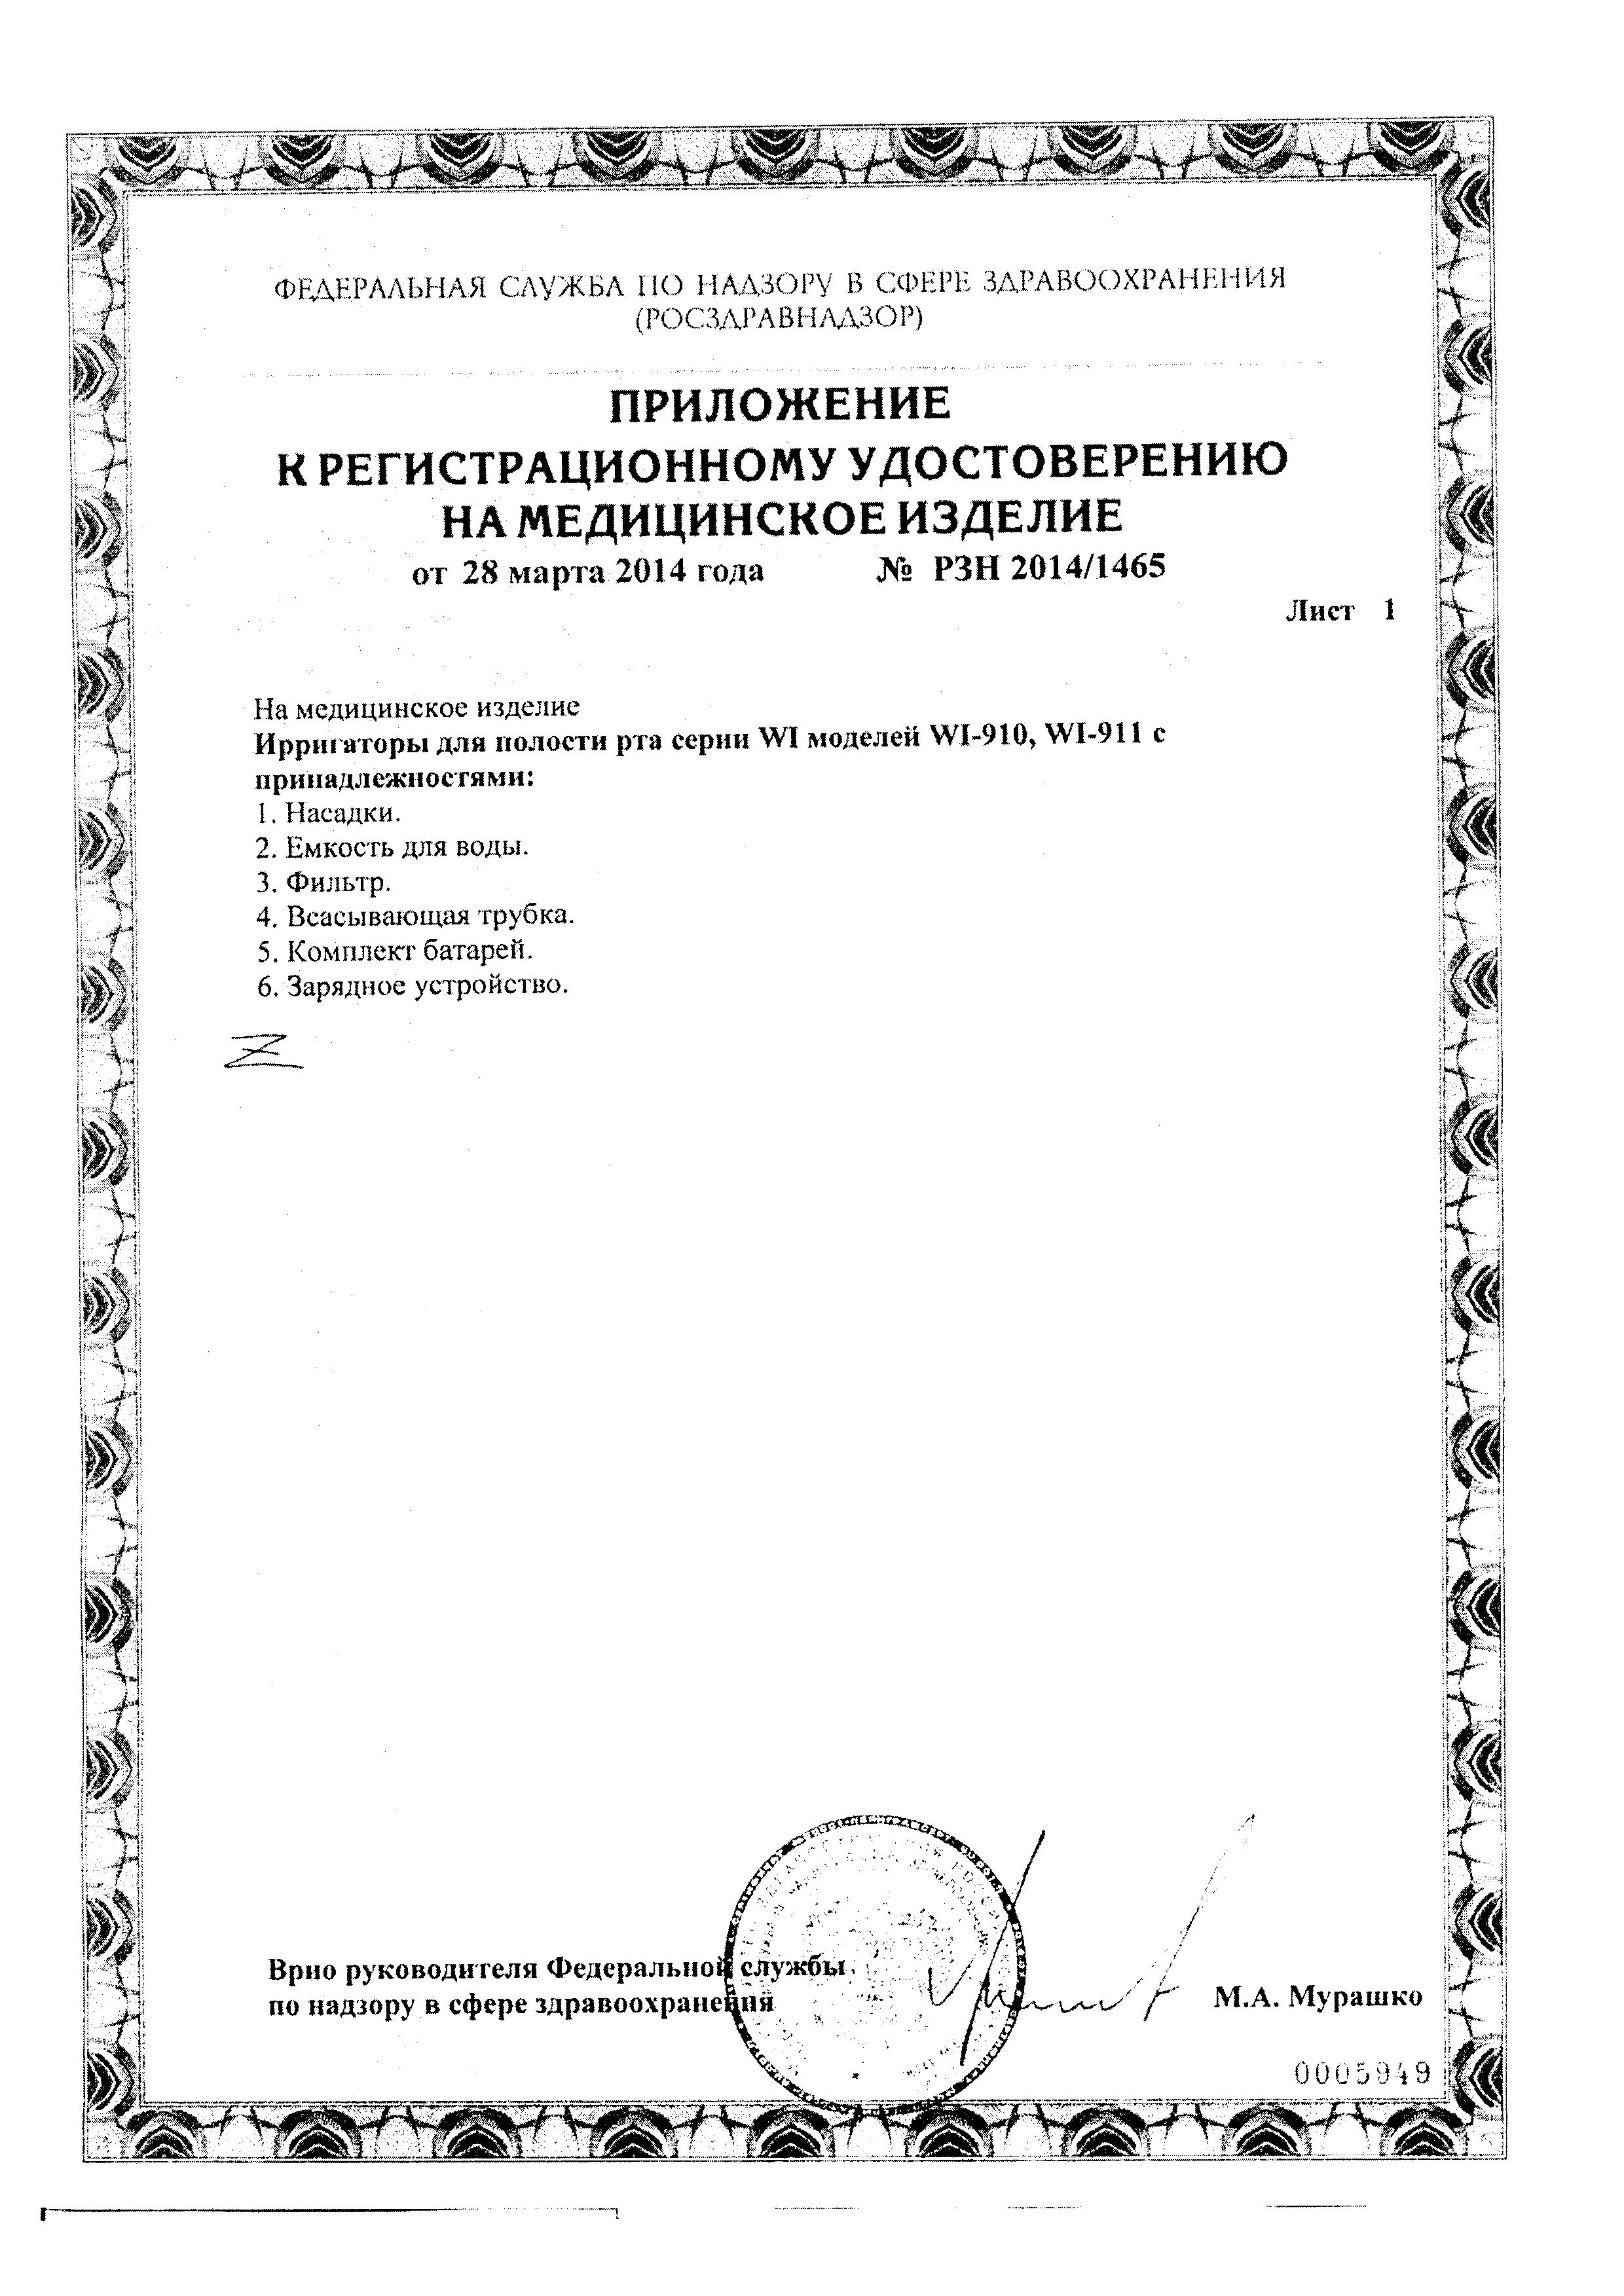 B.WELL Ирригатор для полости рта WI-911 сертификат